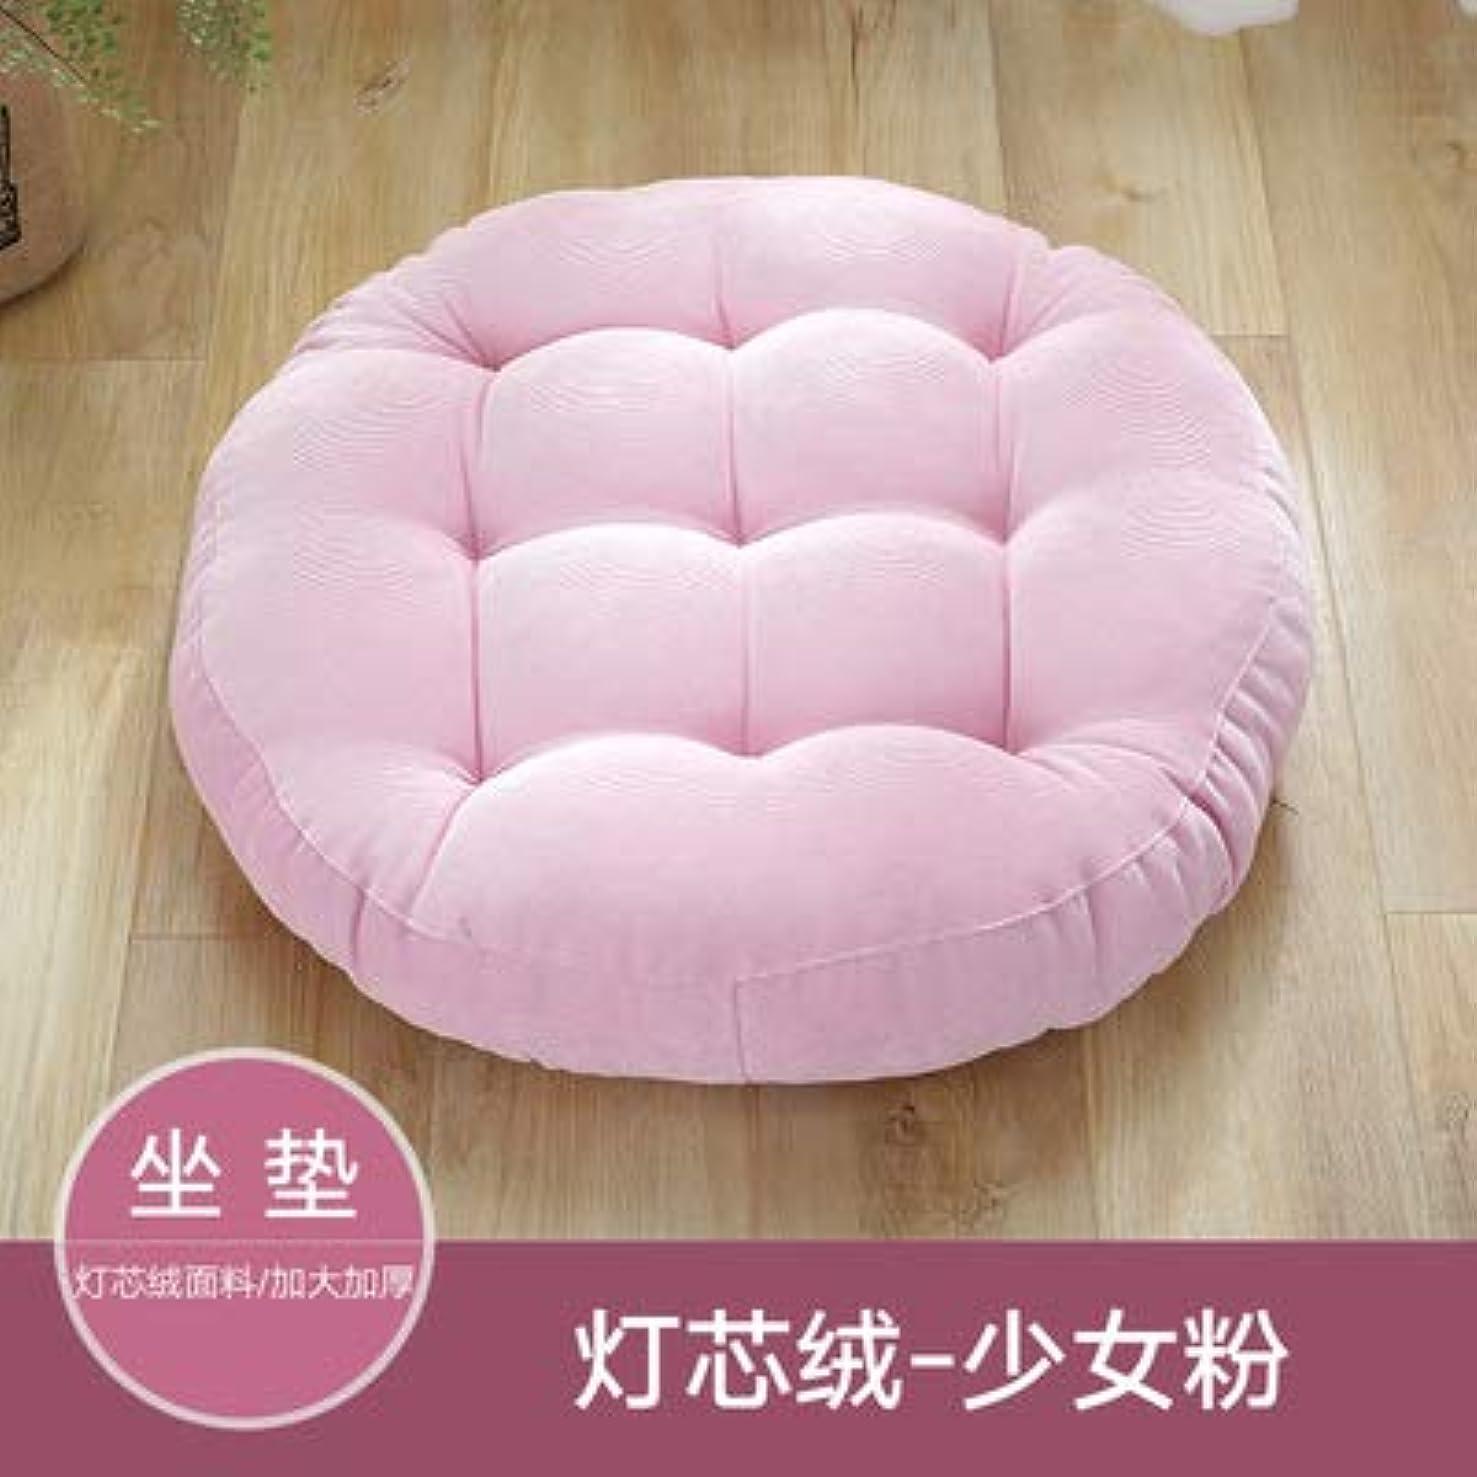 適合する反発するかもめLIFE ラウンド厚い椅子のクッションフロアマットレスシートパッドソフトホームオフィスチェアクッションマットソフトスロー枕最高品質の床クッション クッション 椅子